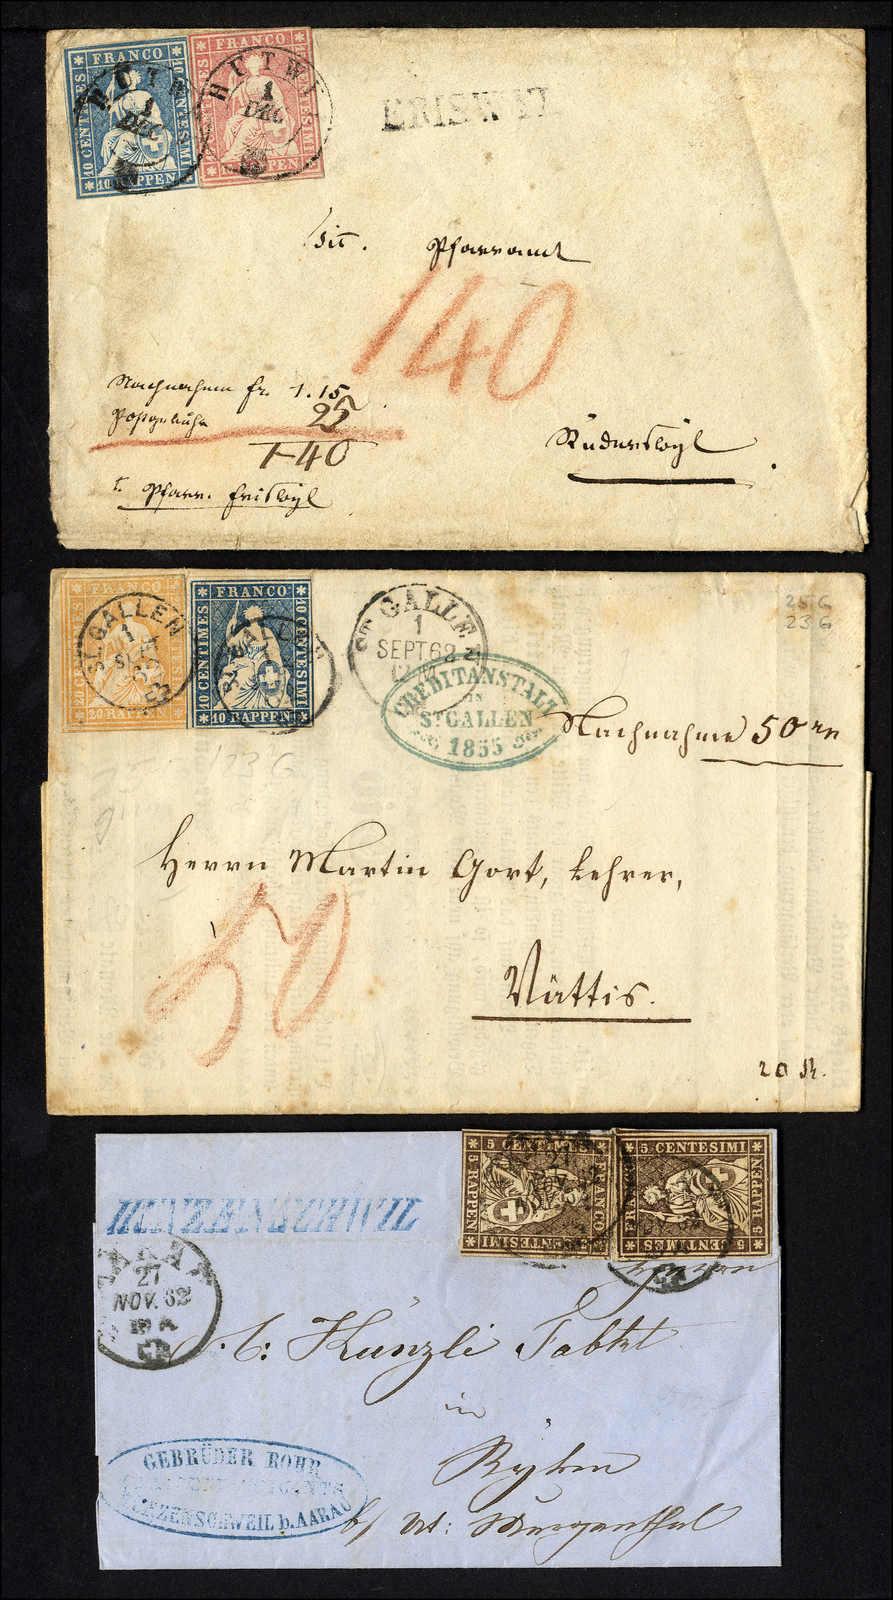 Lot 56 - sammlungen und posten sammlungen und posten altschweiz -  Rolli Auctions Auction #68 Day 1